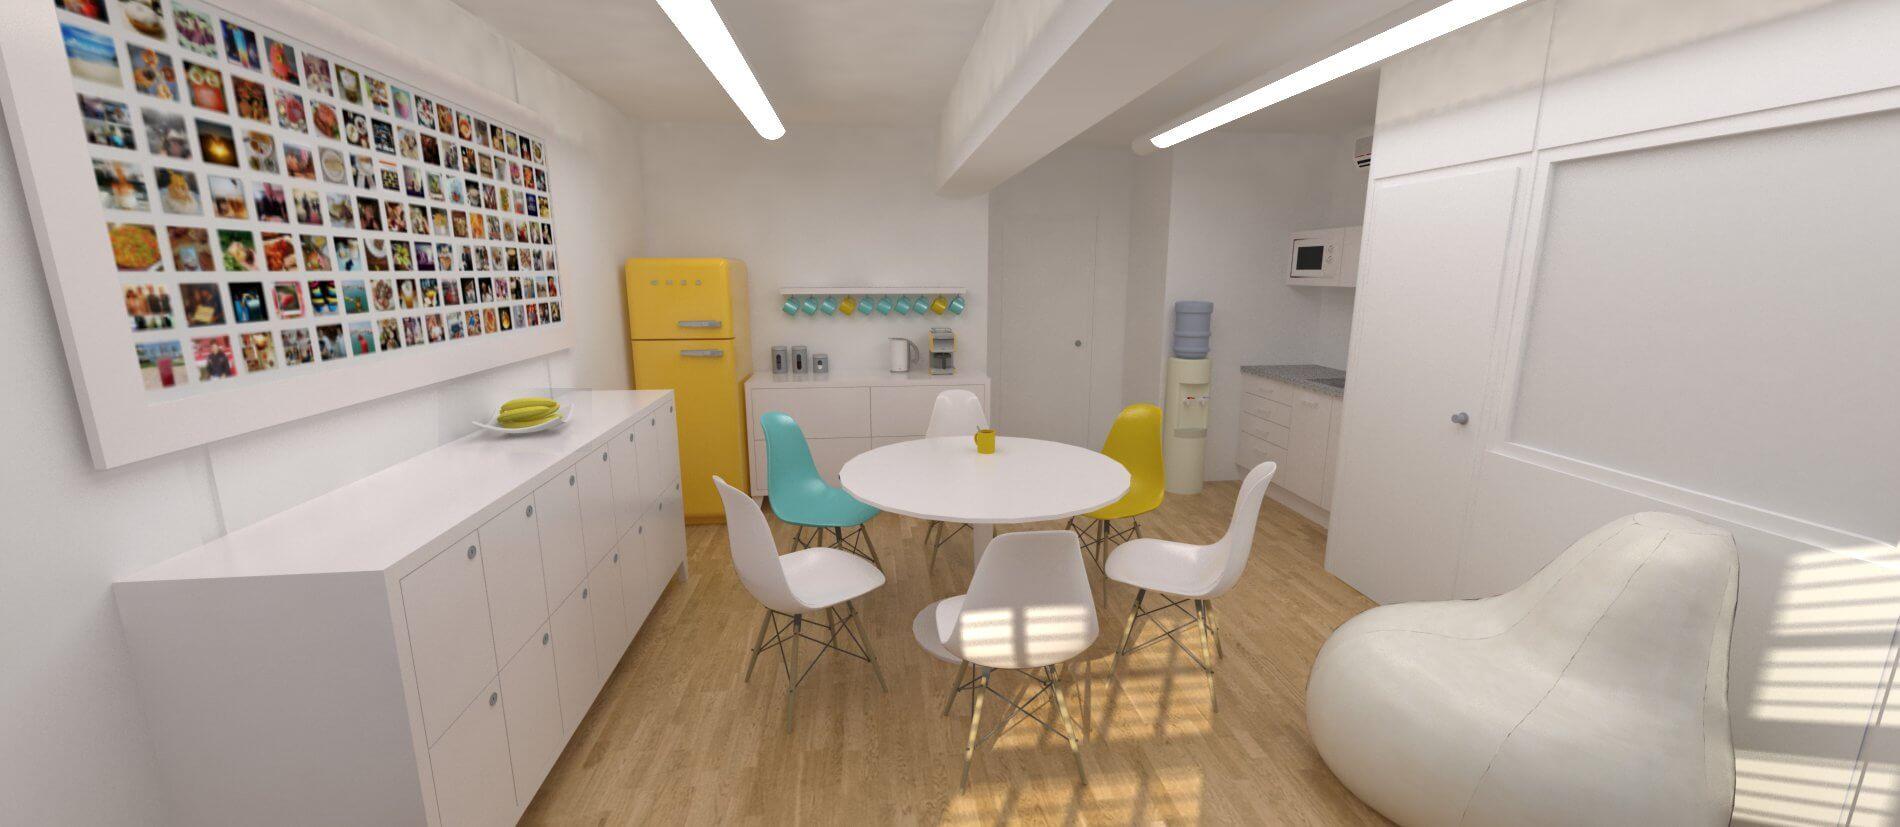 Coworking space adeje 7 cuadrados estudio - Diseno tenerife ...